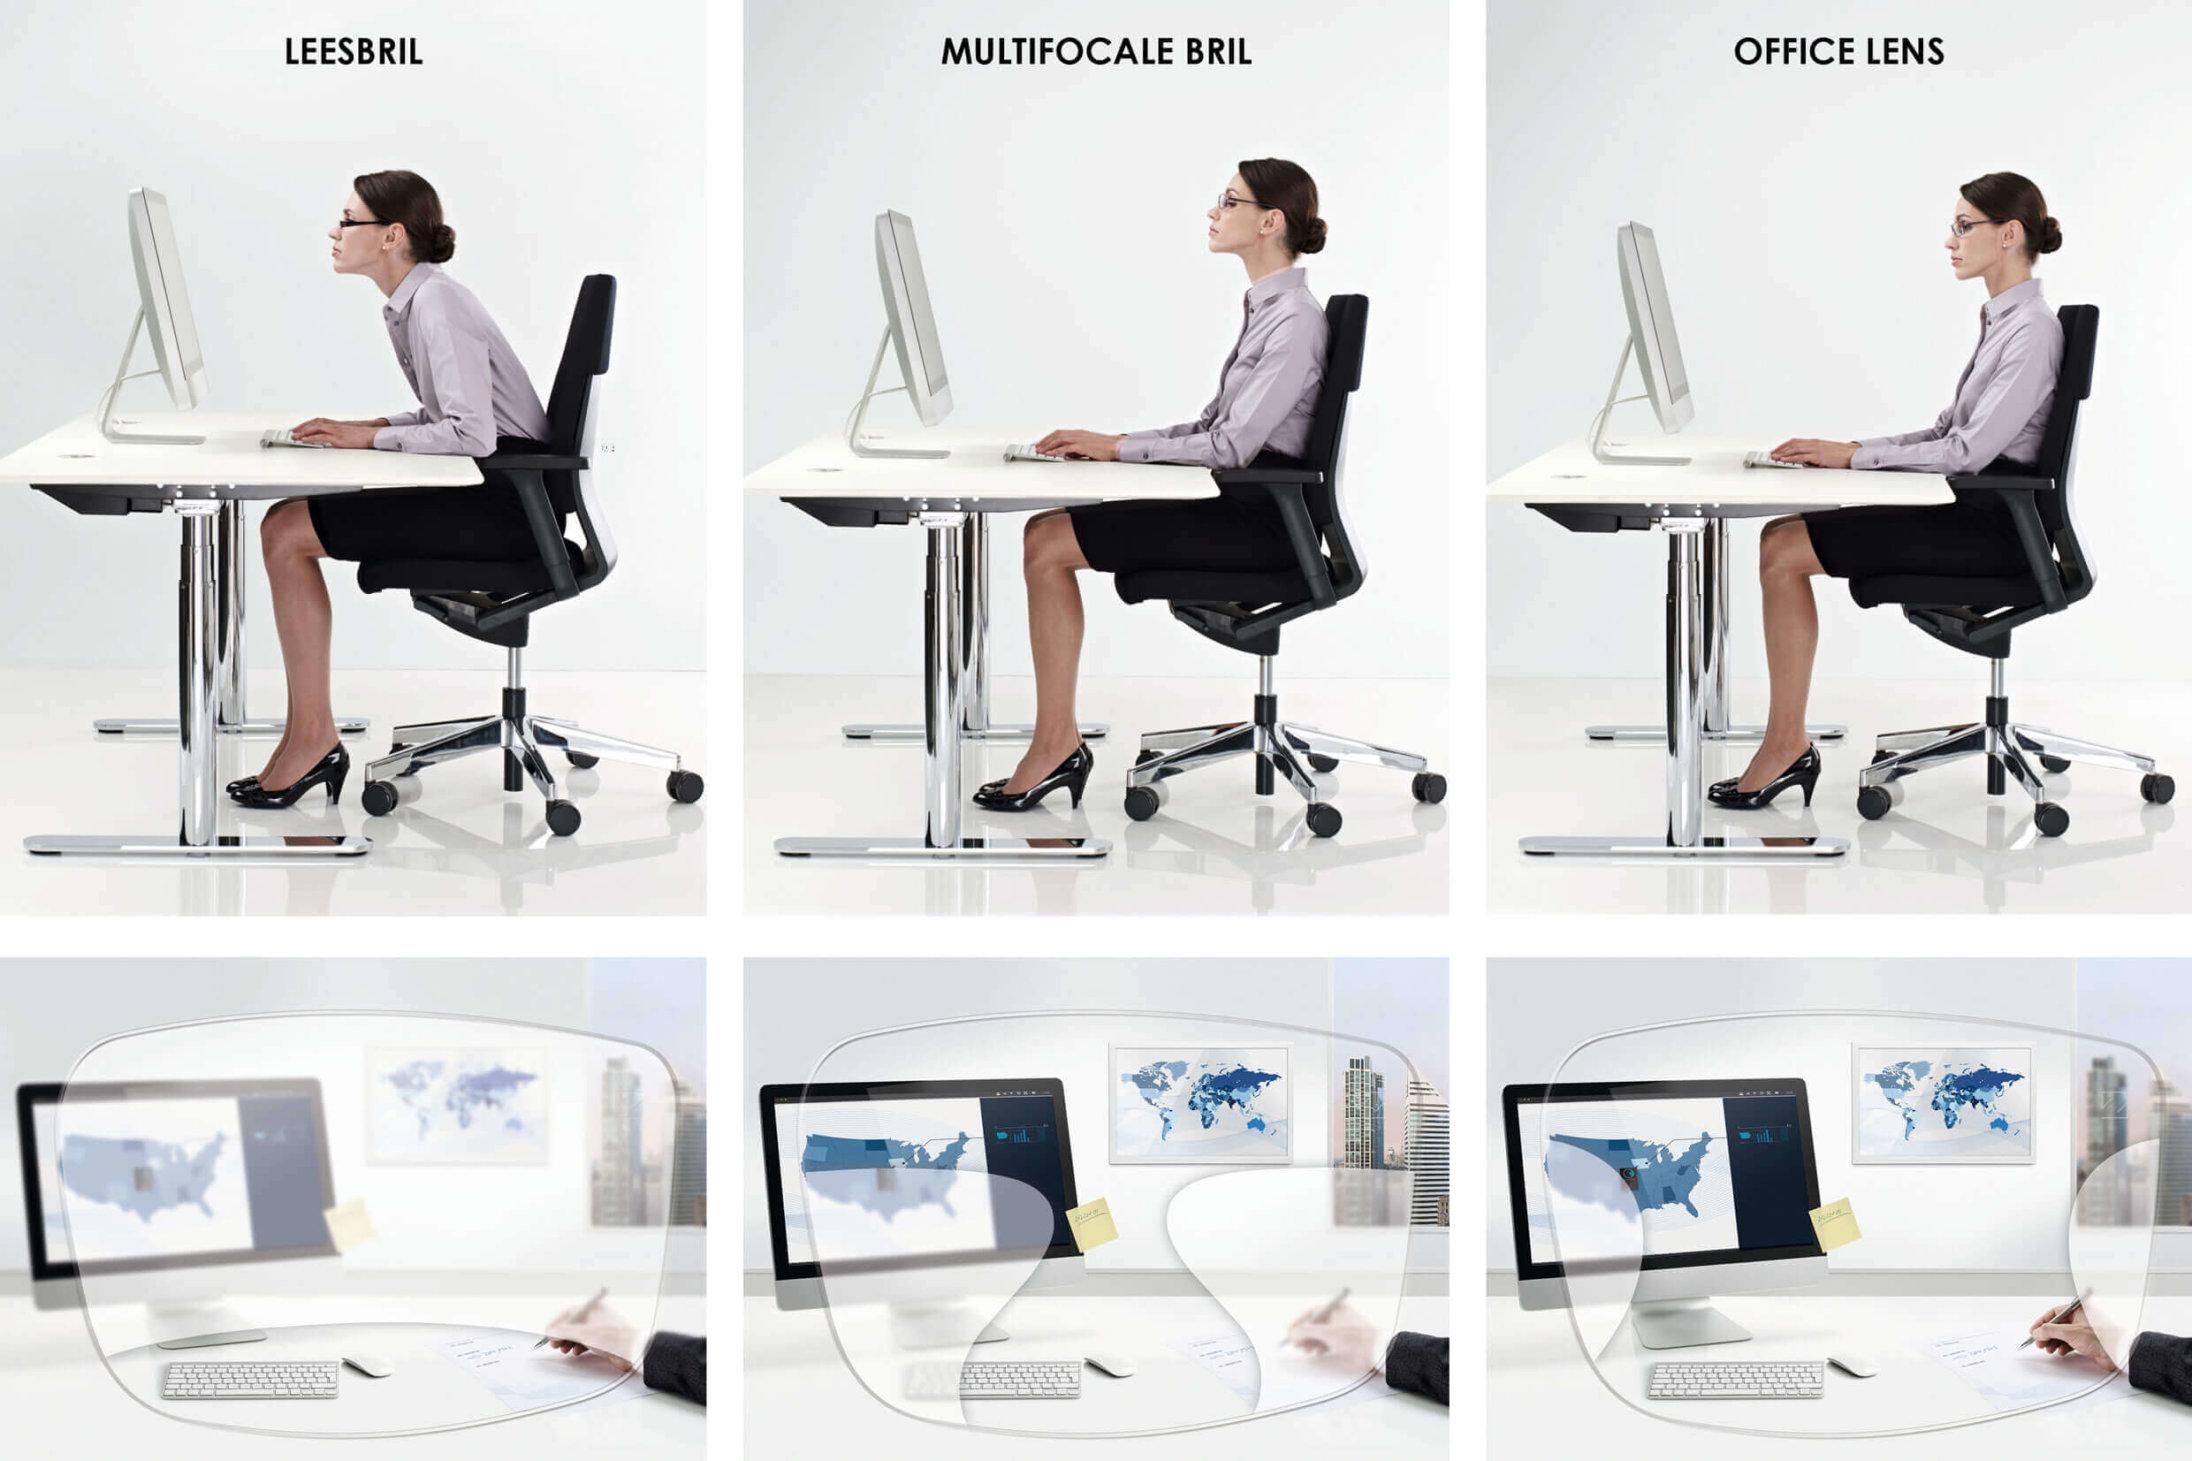 ZEISS OfficeLens brillenglazen stimuleren een comfortabele houding en bieden een scherp zicht